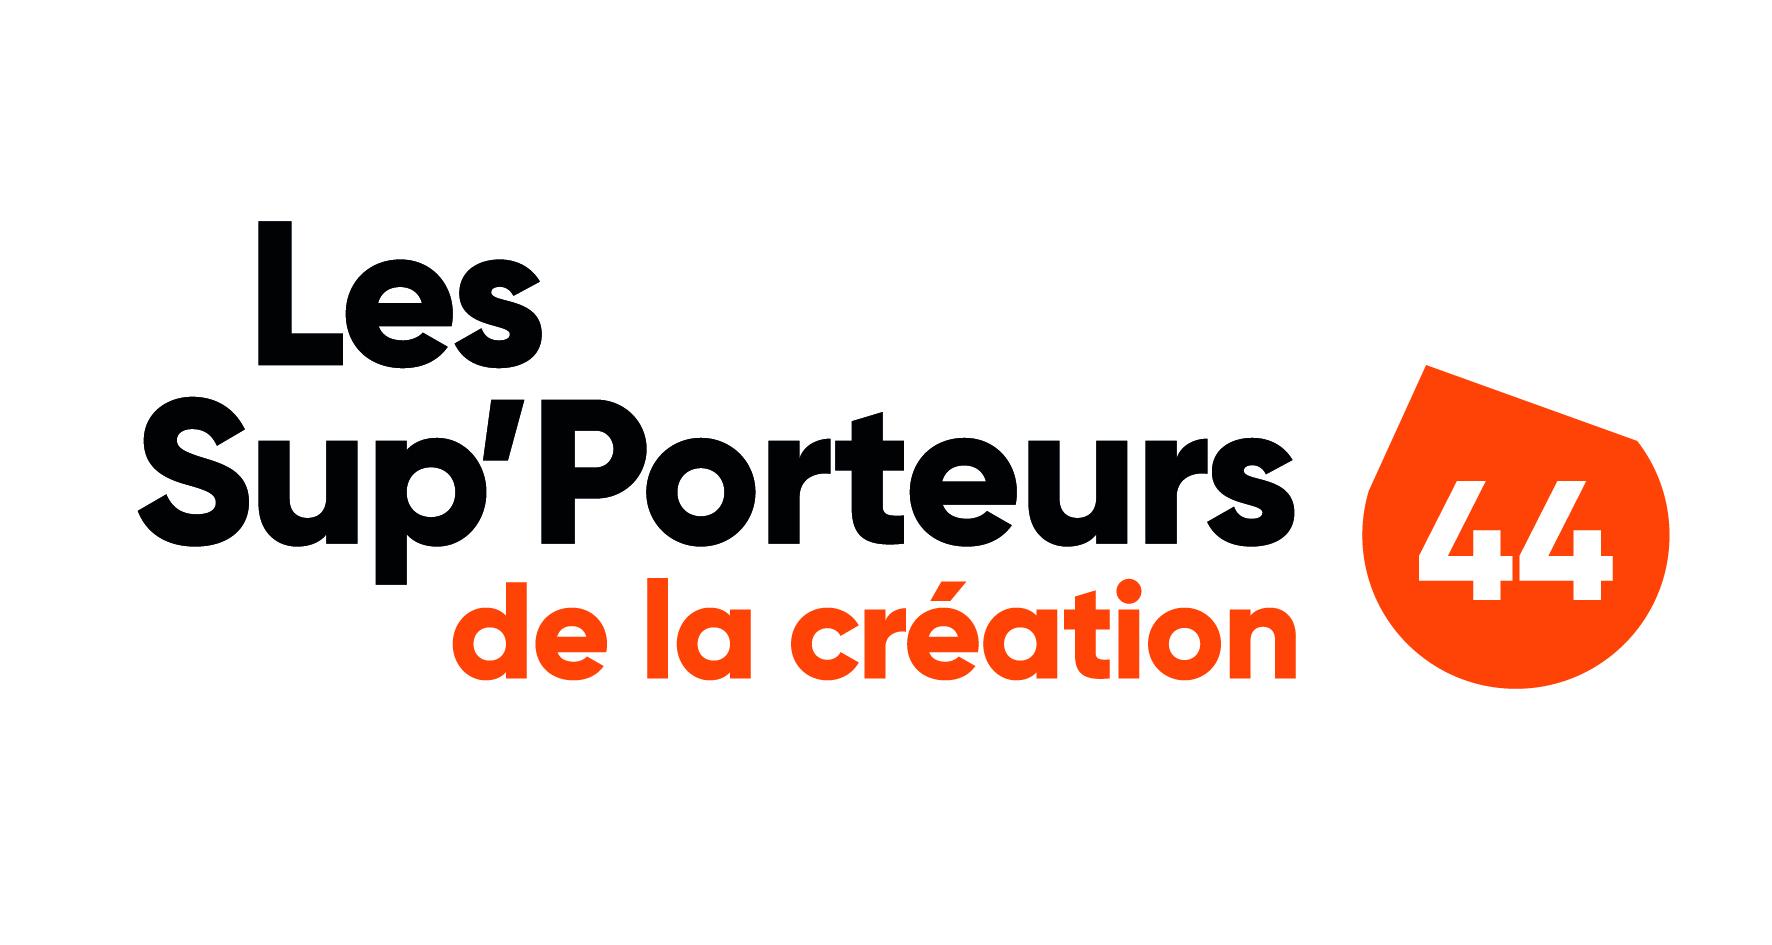 Logo de Sup'porteurs de la création 44  (www.lessupporteursdelacreation44.fr)